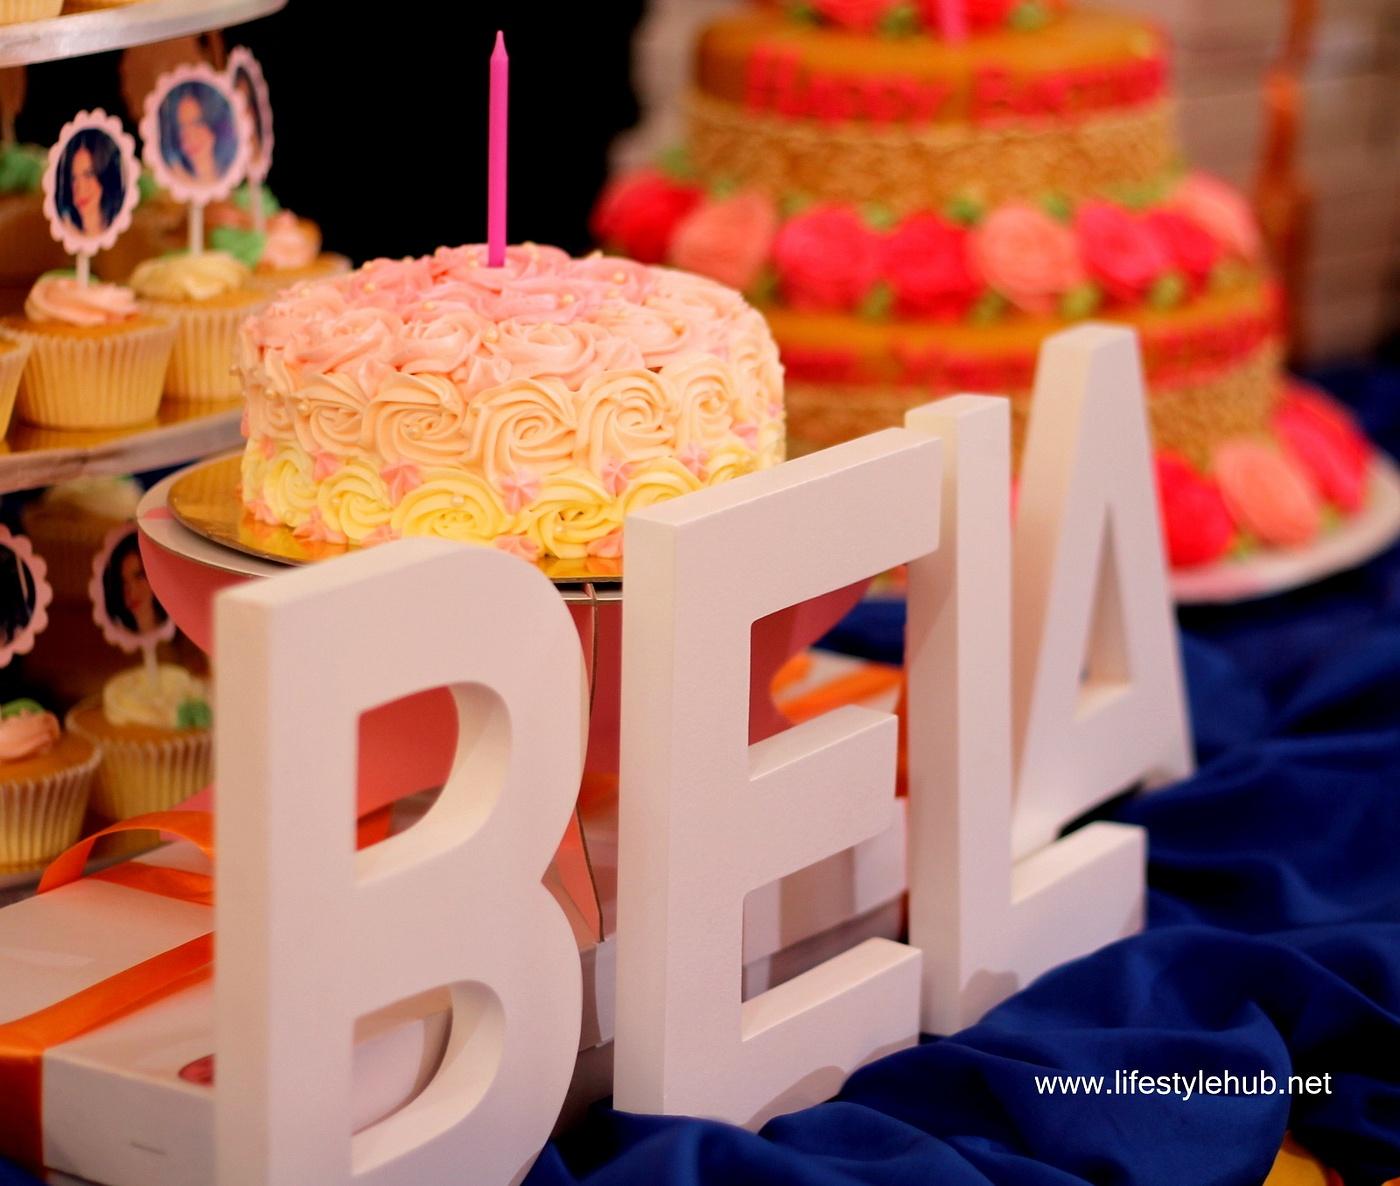 bella padilla birthday at paws